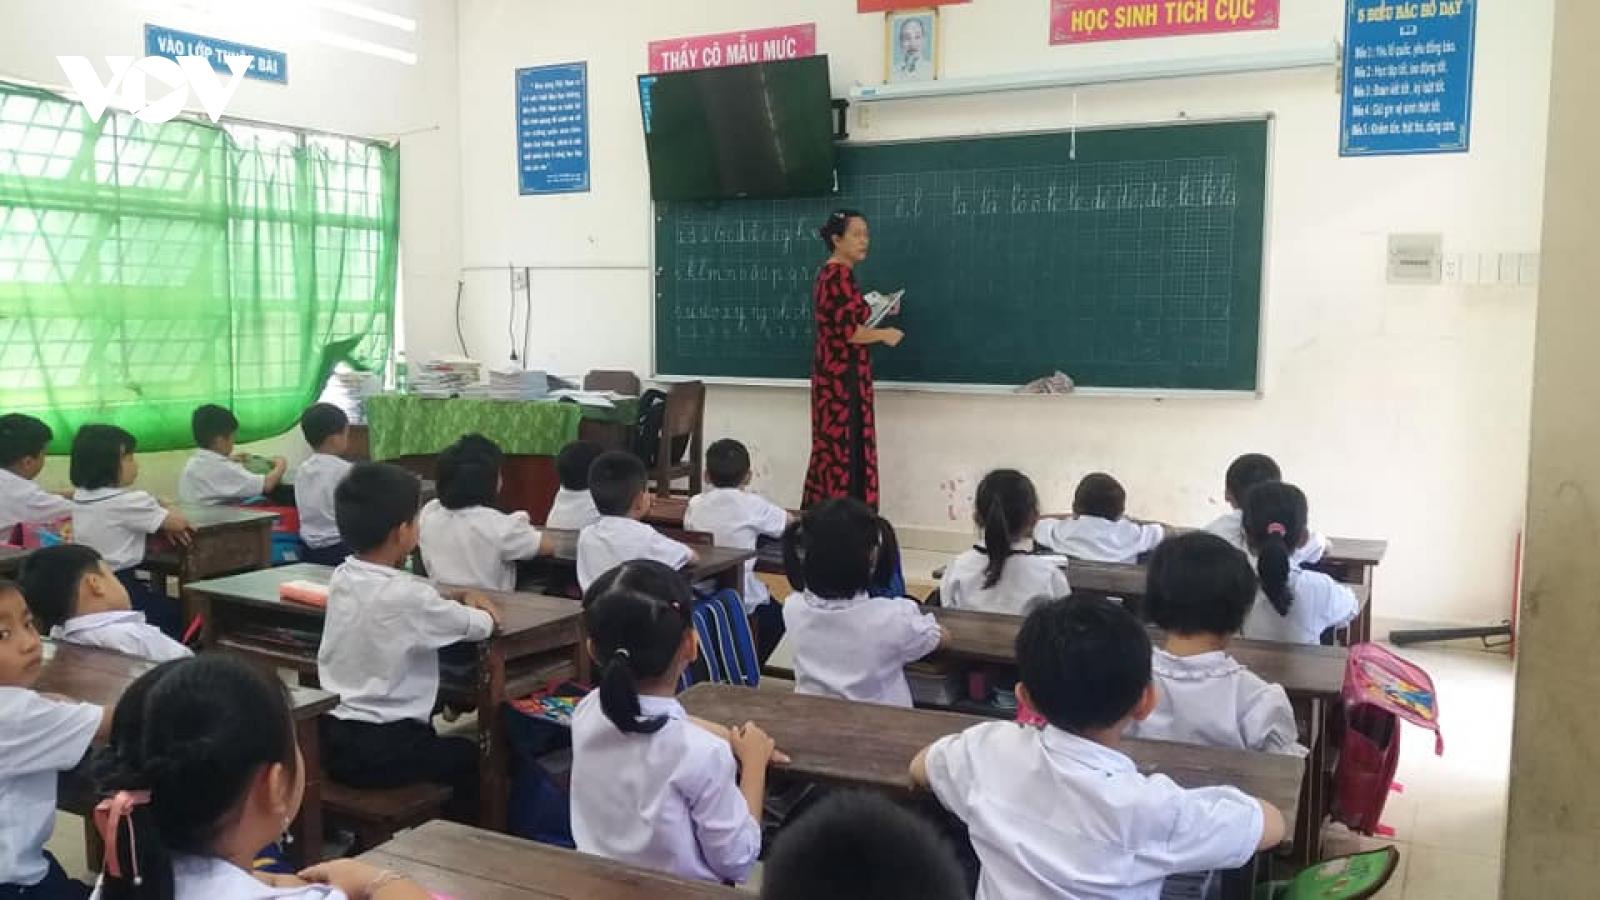 Tiền Giang, Bến Tre siết chặt công tác phòng chống covid-19 trong trường học